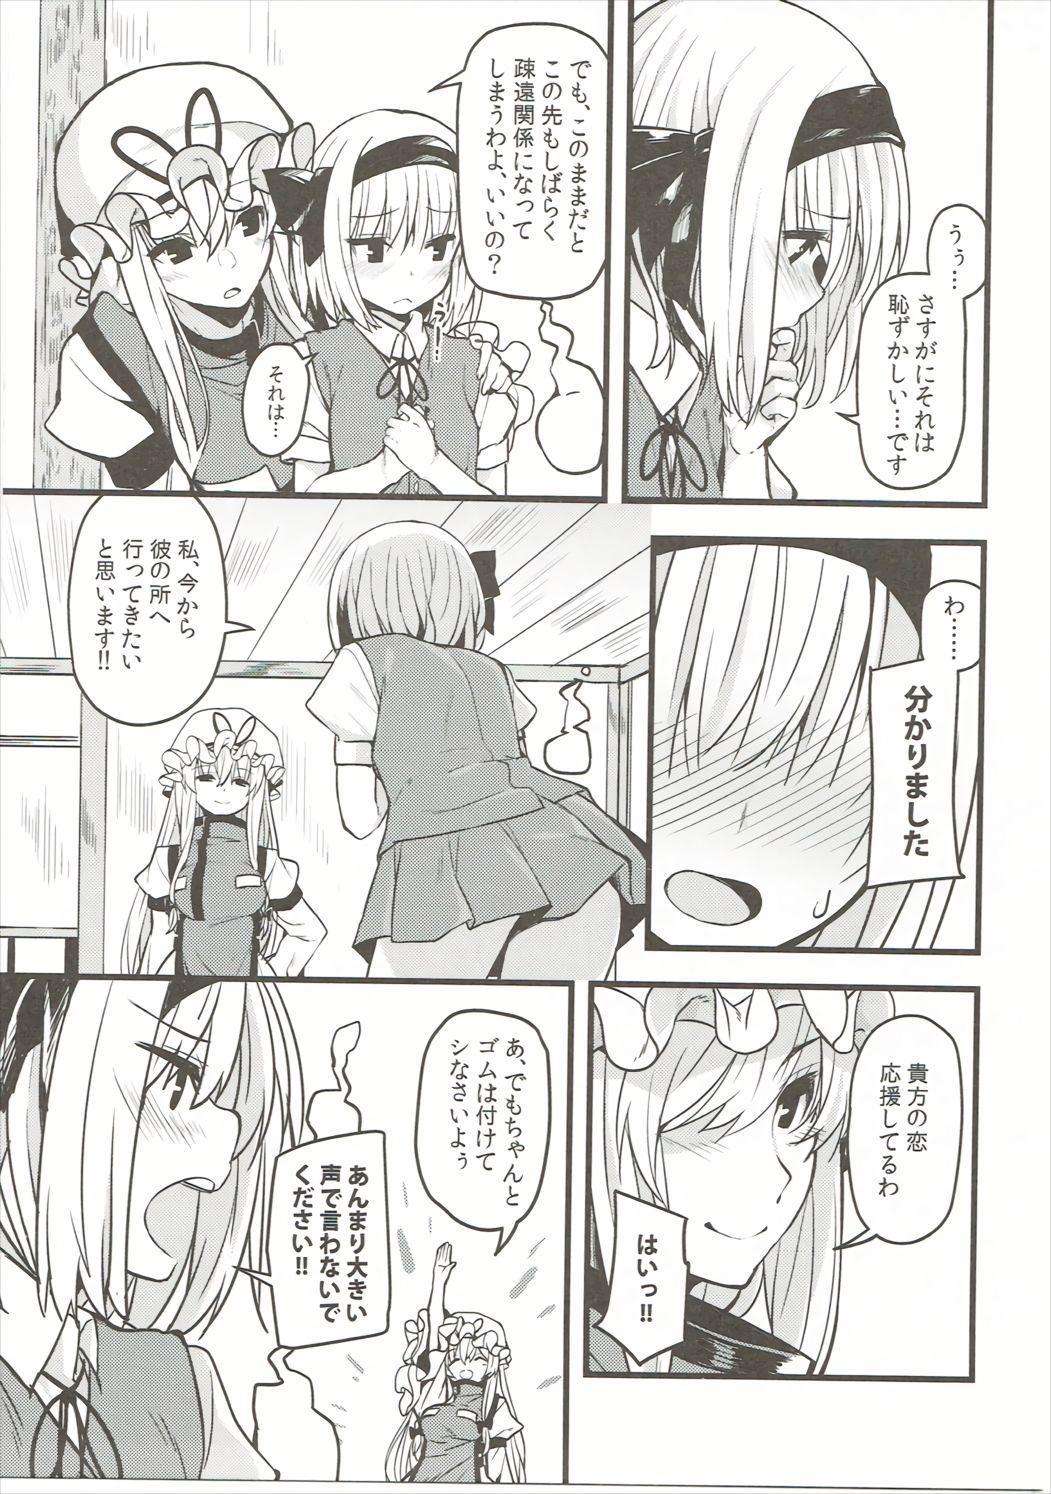 Hontou no Kimochi 2 3